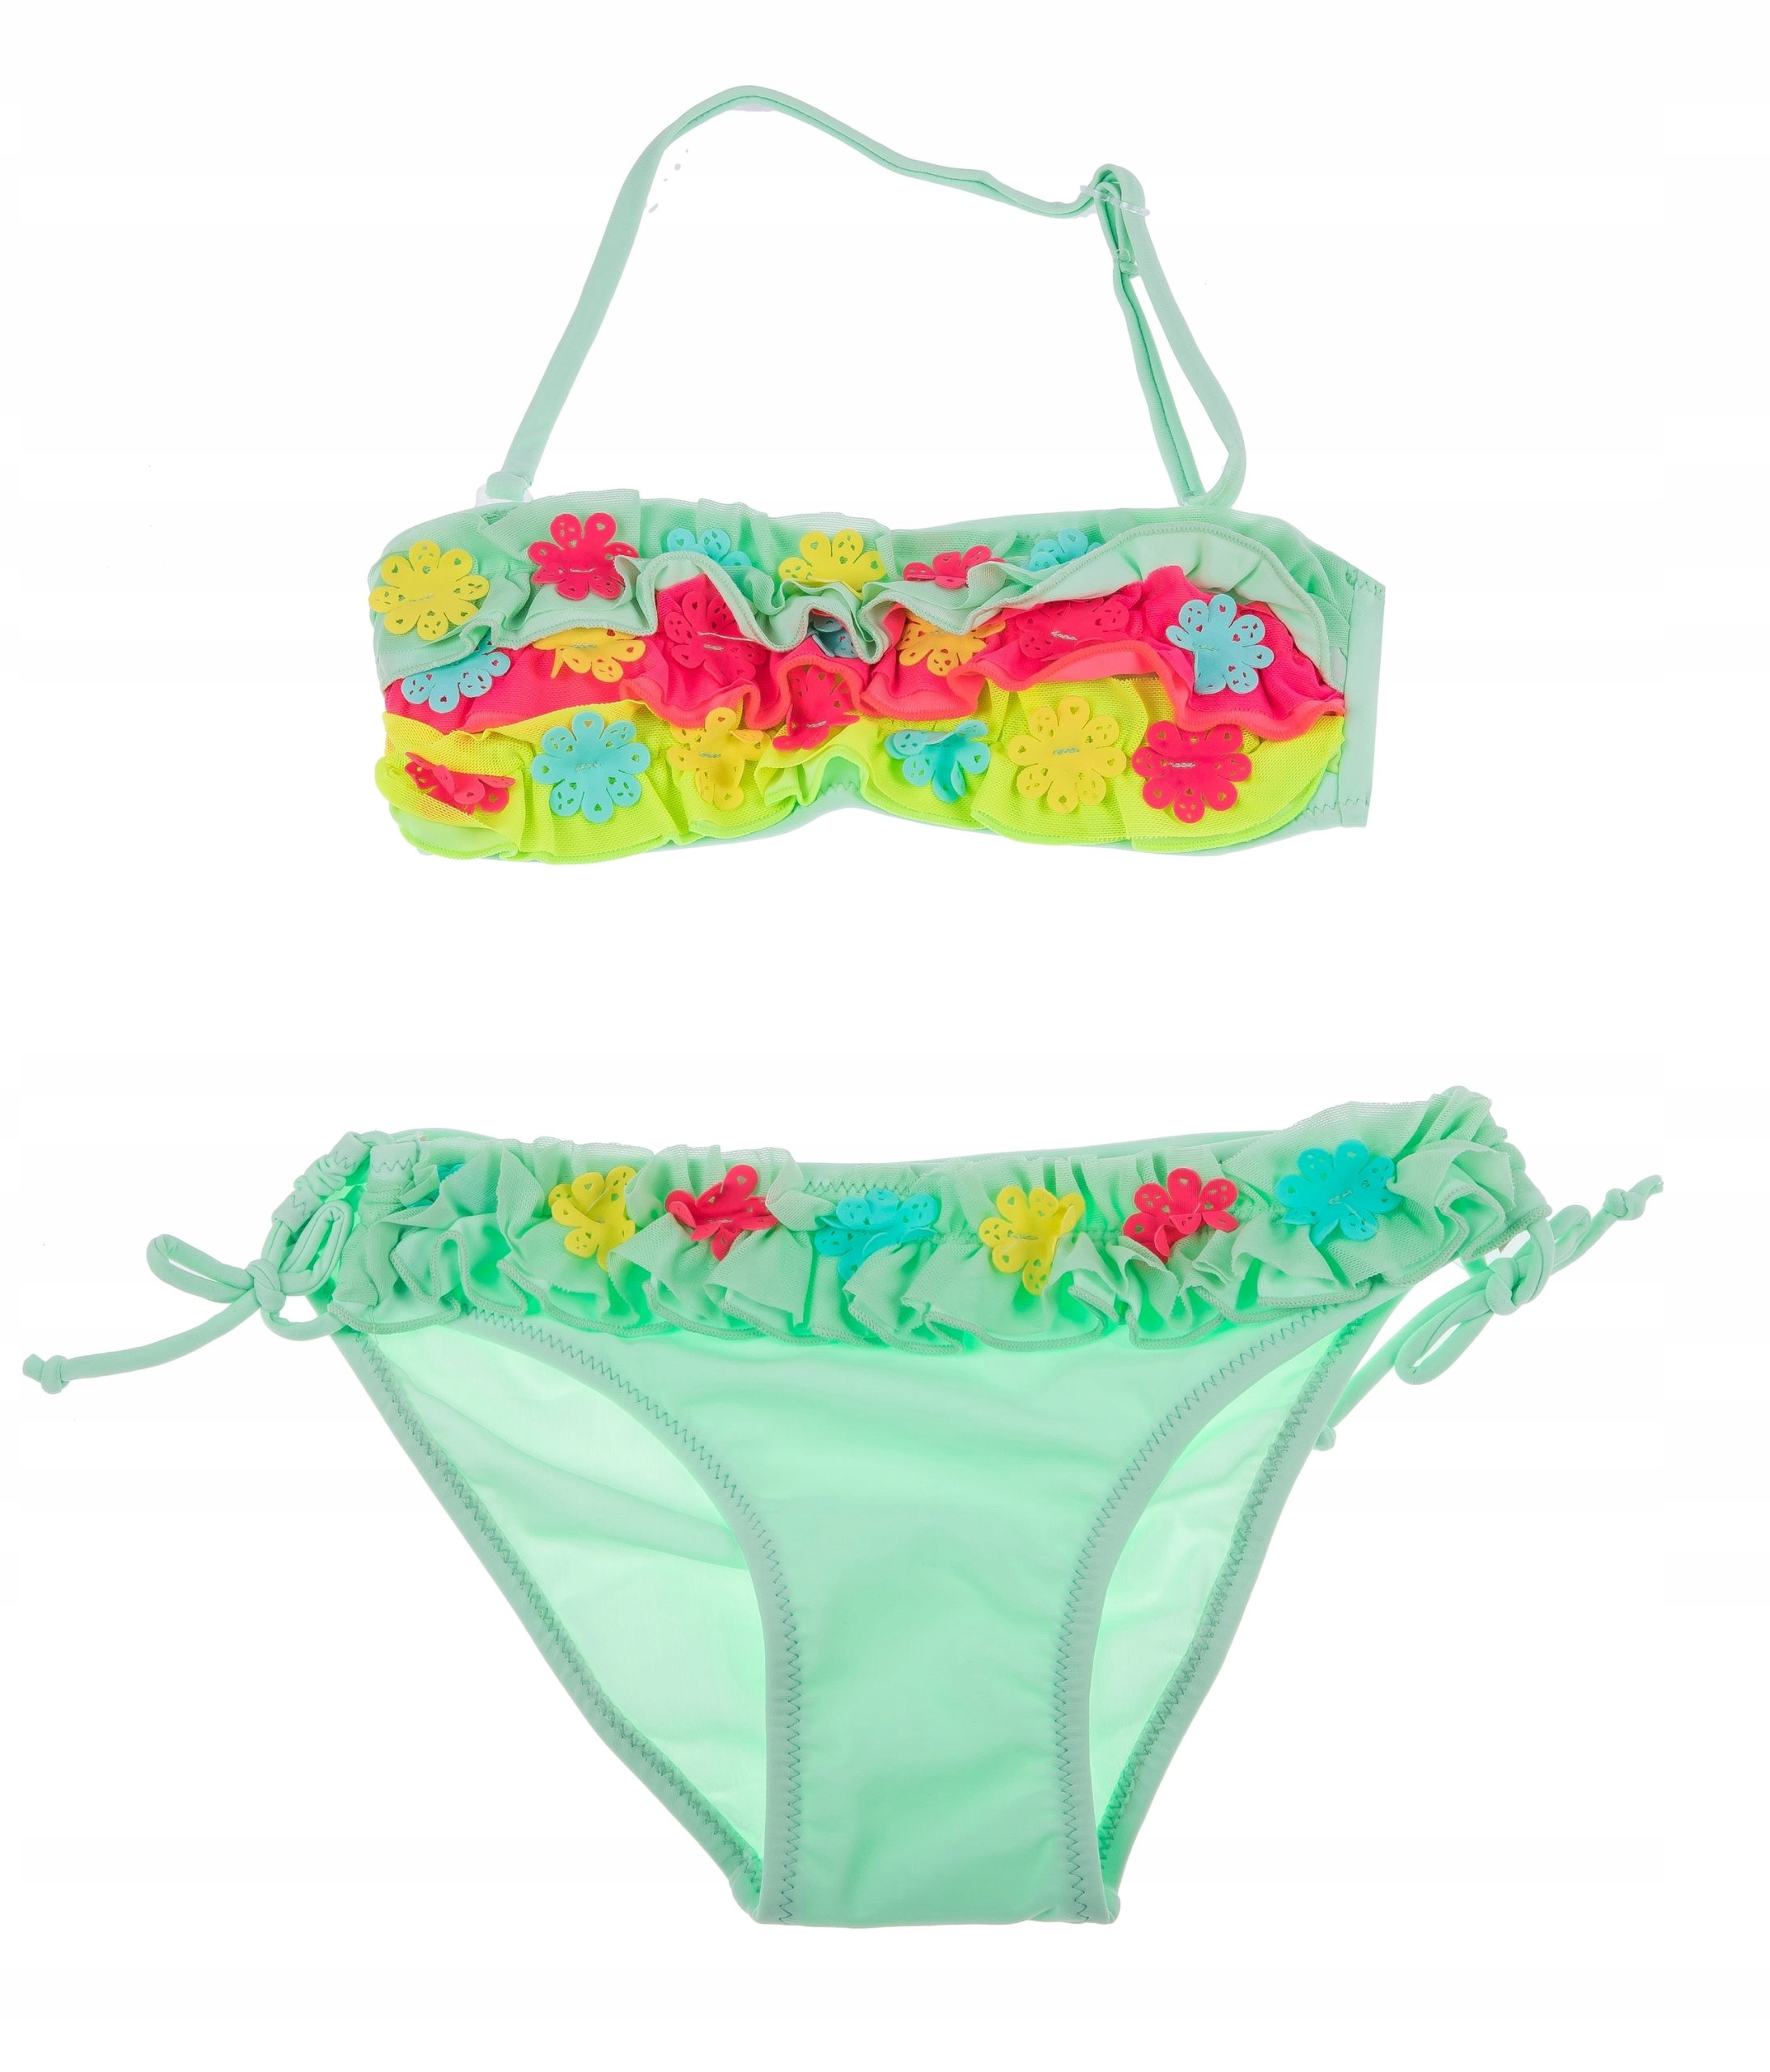 a8c707f978ae36 M&D kostium strój kąpielowy bikini 152 cm 12 l - 7398090526 ...